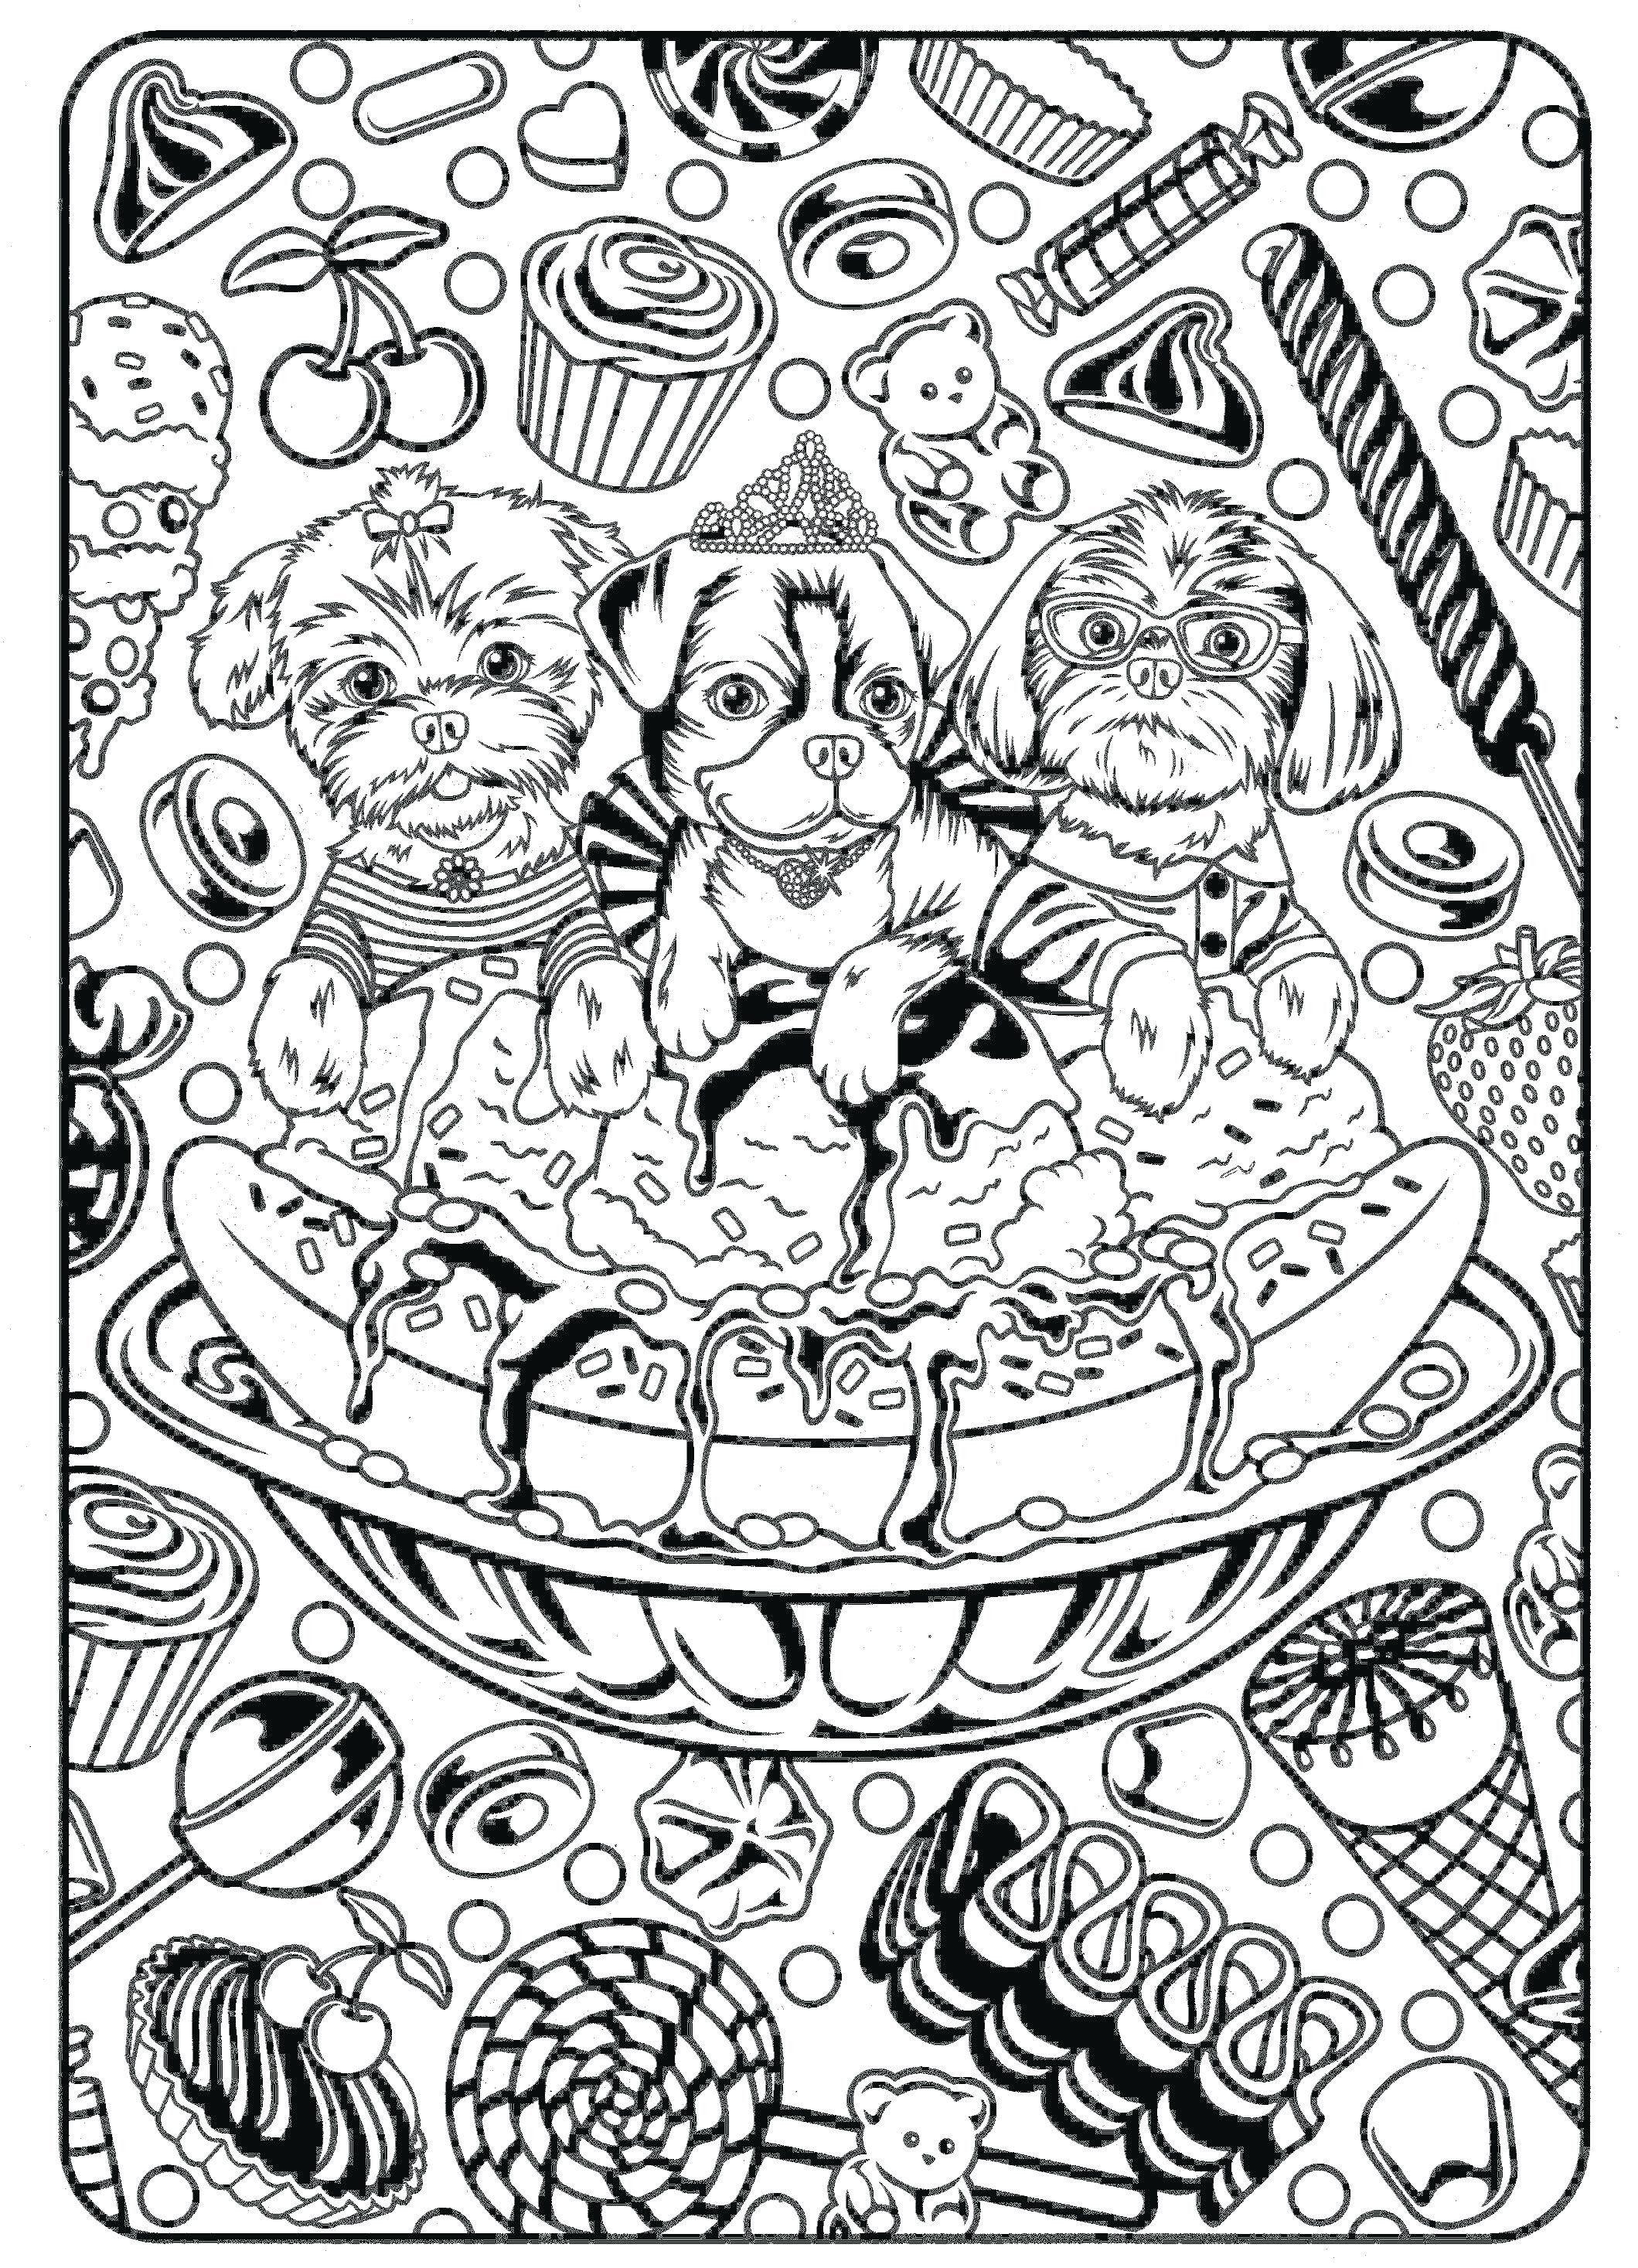 Ninja Turtles Coloring Pages Best Of Tmnt Free Coloring Pages Spartanprint Cool Coloring Pages Pokemon Coloring Pages Space Coloring Pages